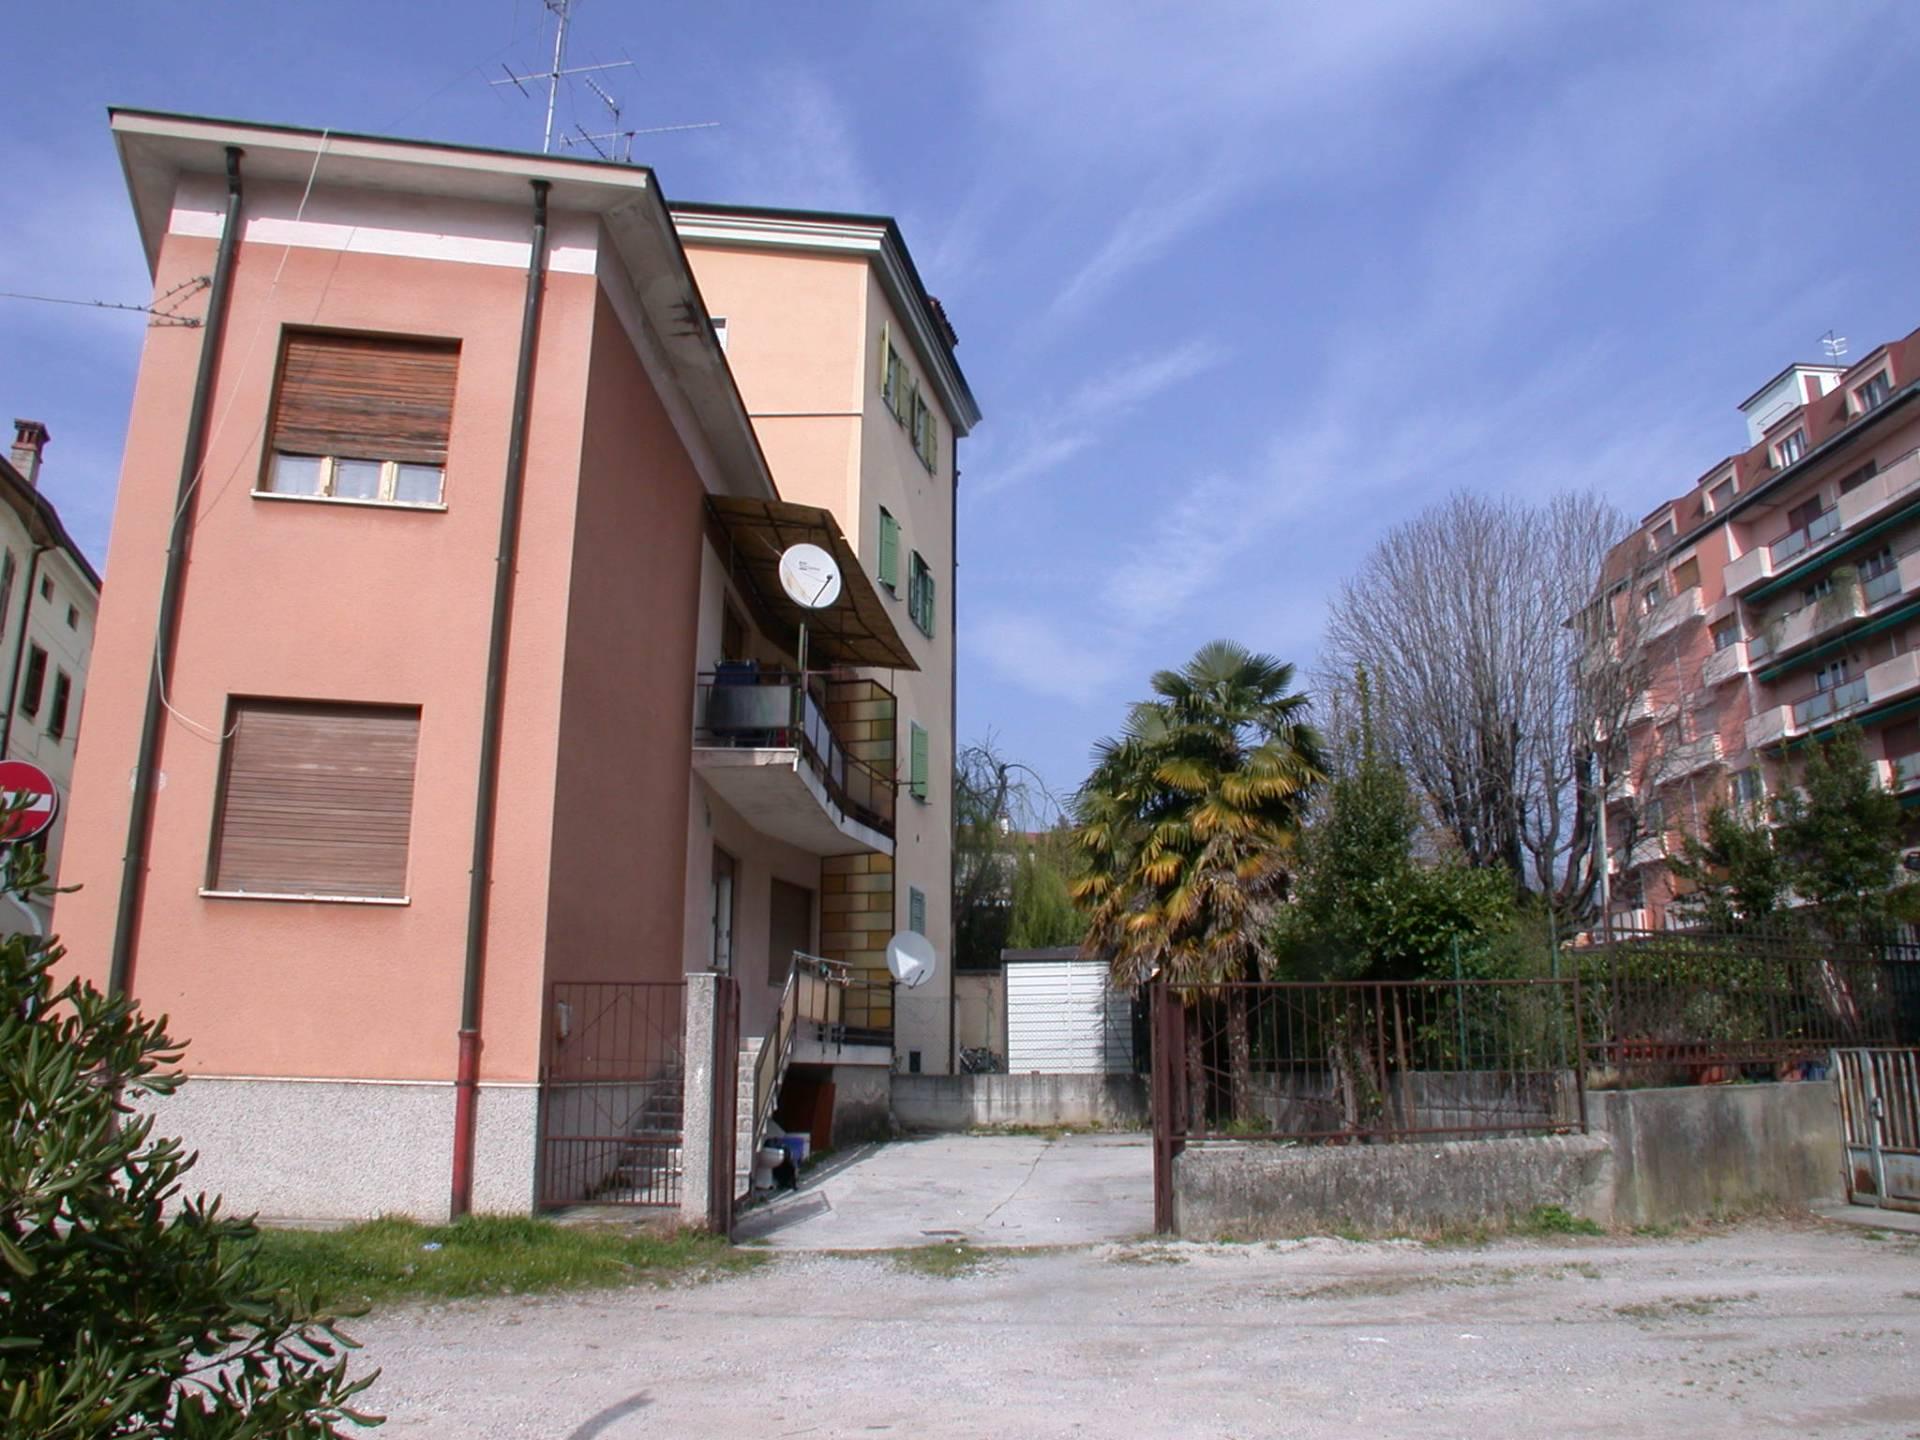 Appartamento in affitto a Gorizia, 4 locali, zona Località: Centrostorico, prezzo € 440 | Cambio Casa.it